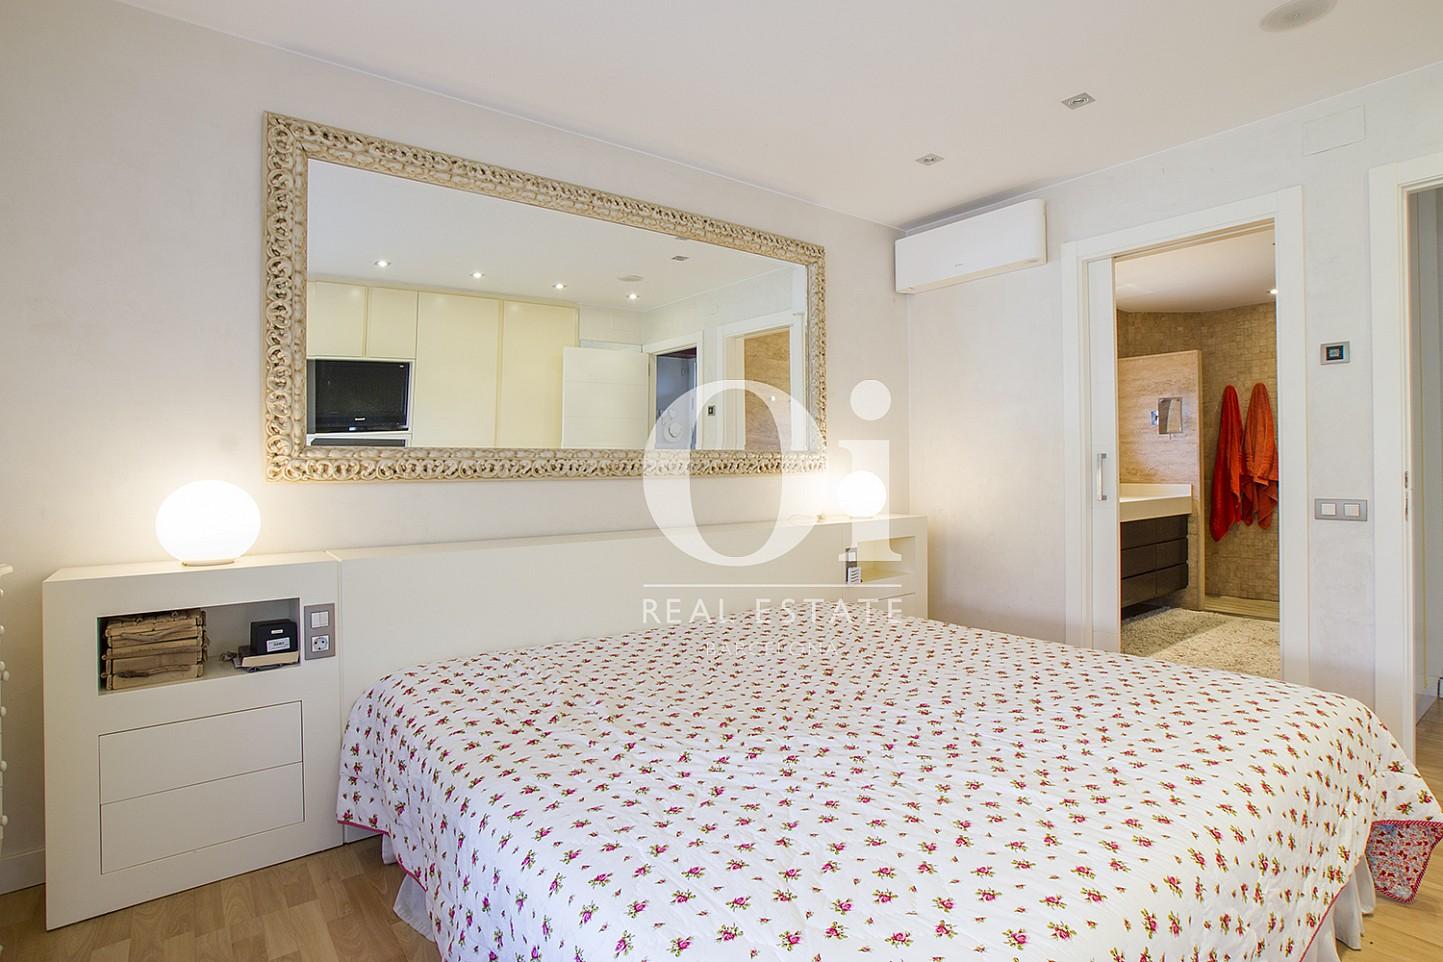 Двуместная спальня в доме на продажу в Cardedeu, Барселона